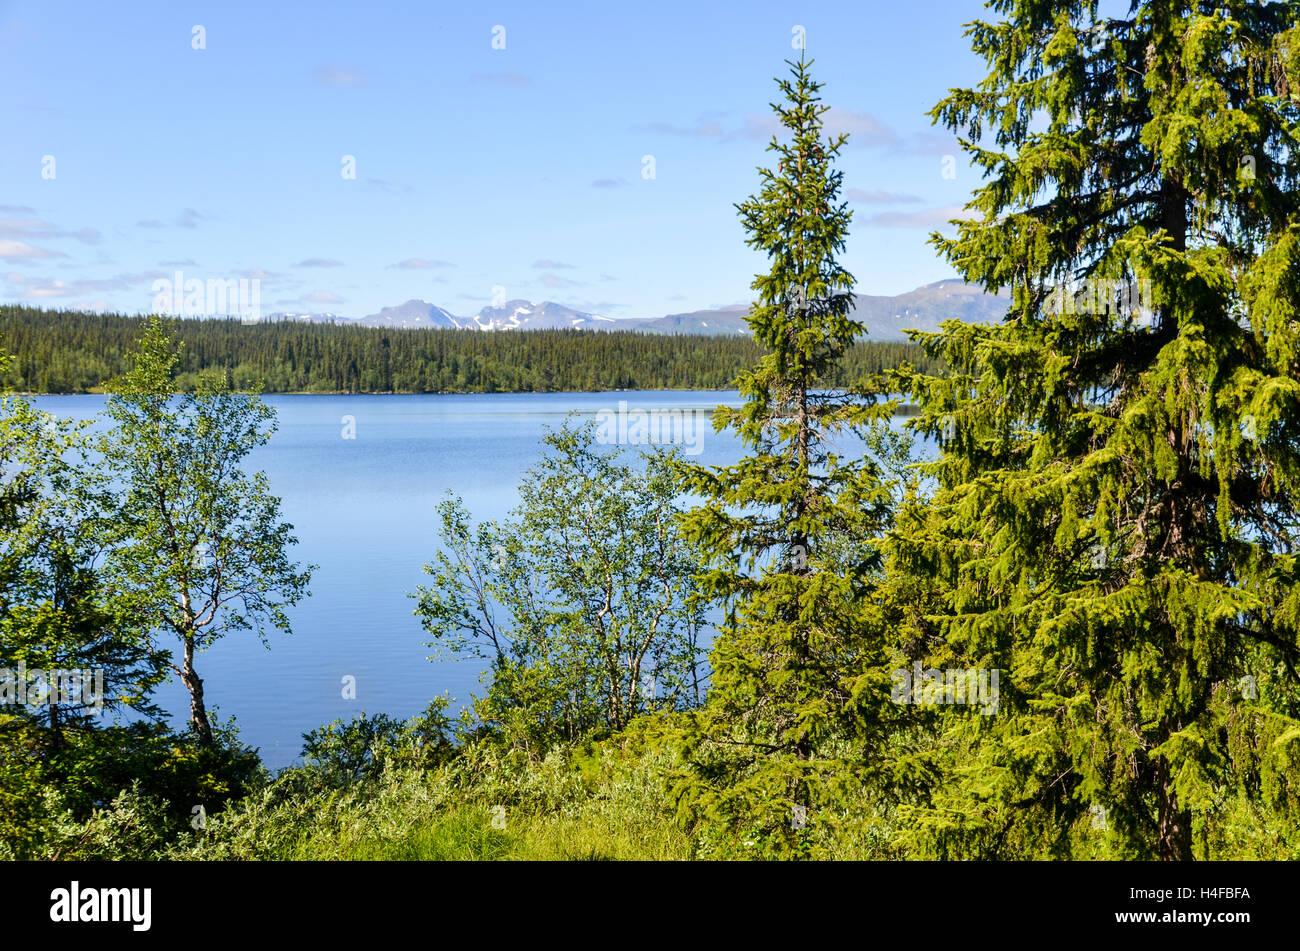 View on Marsfjällen mountain range in northern Sweden, over Rekansjön lake - Stock Image